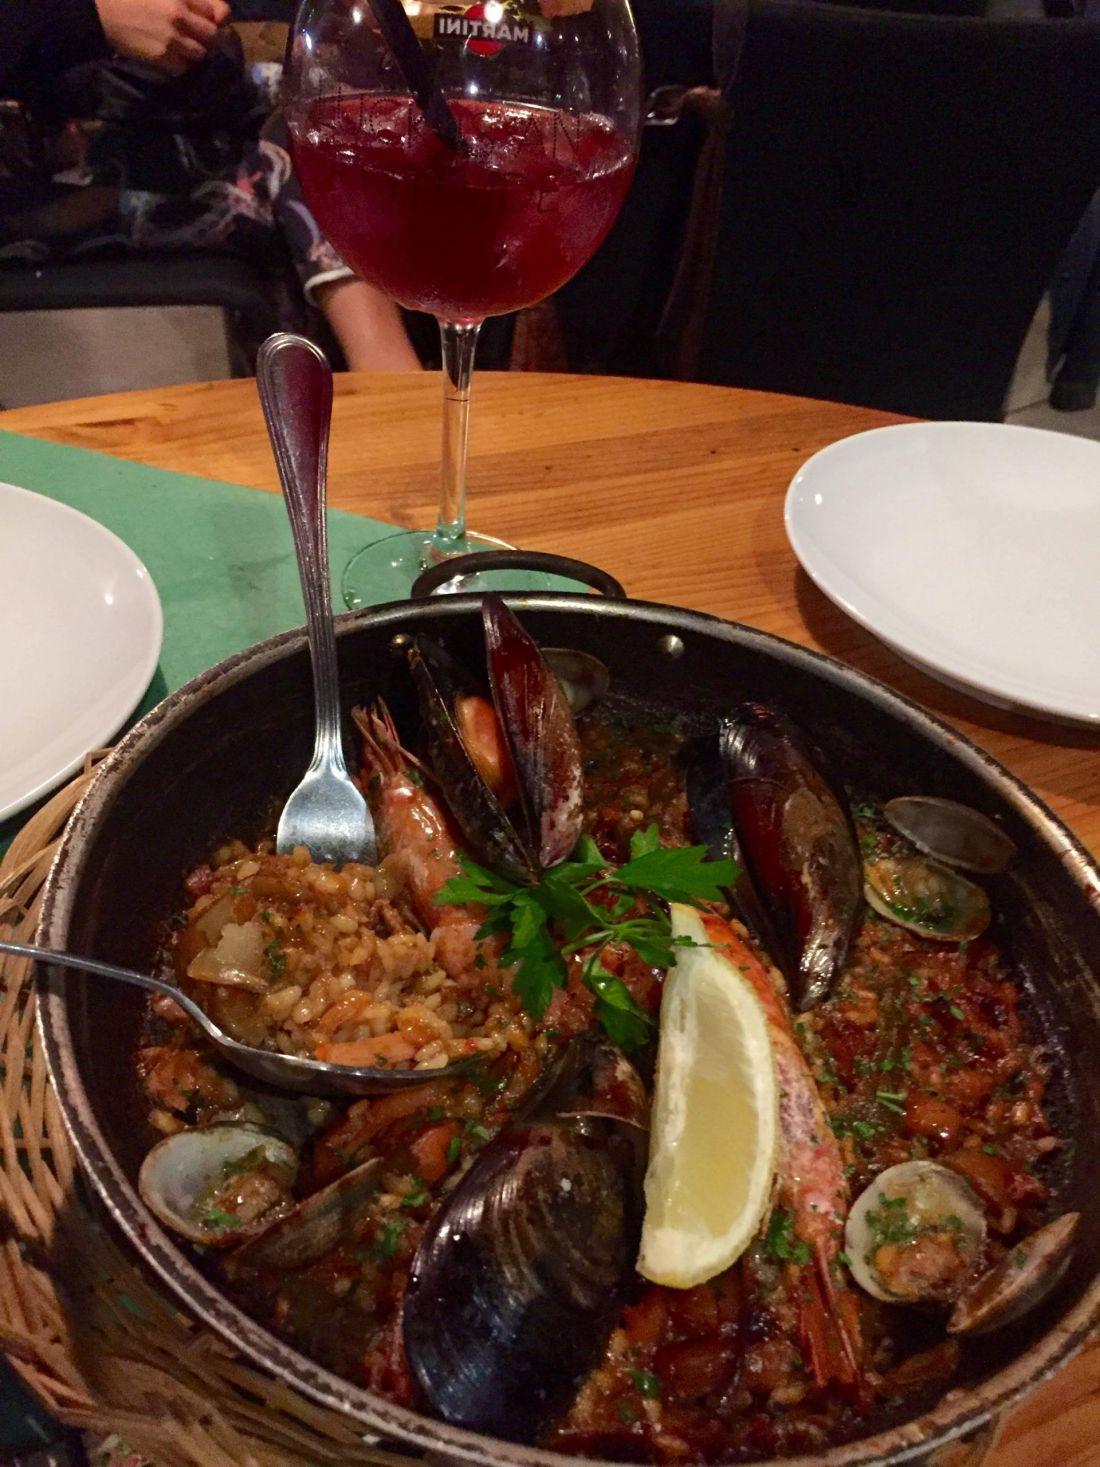 Paella for dinner in Barcelona